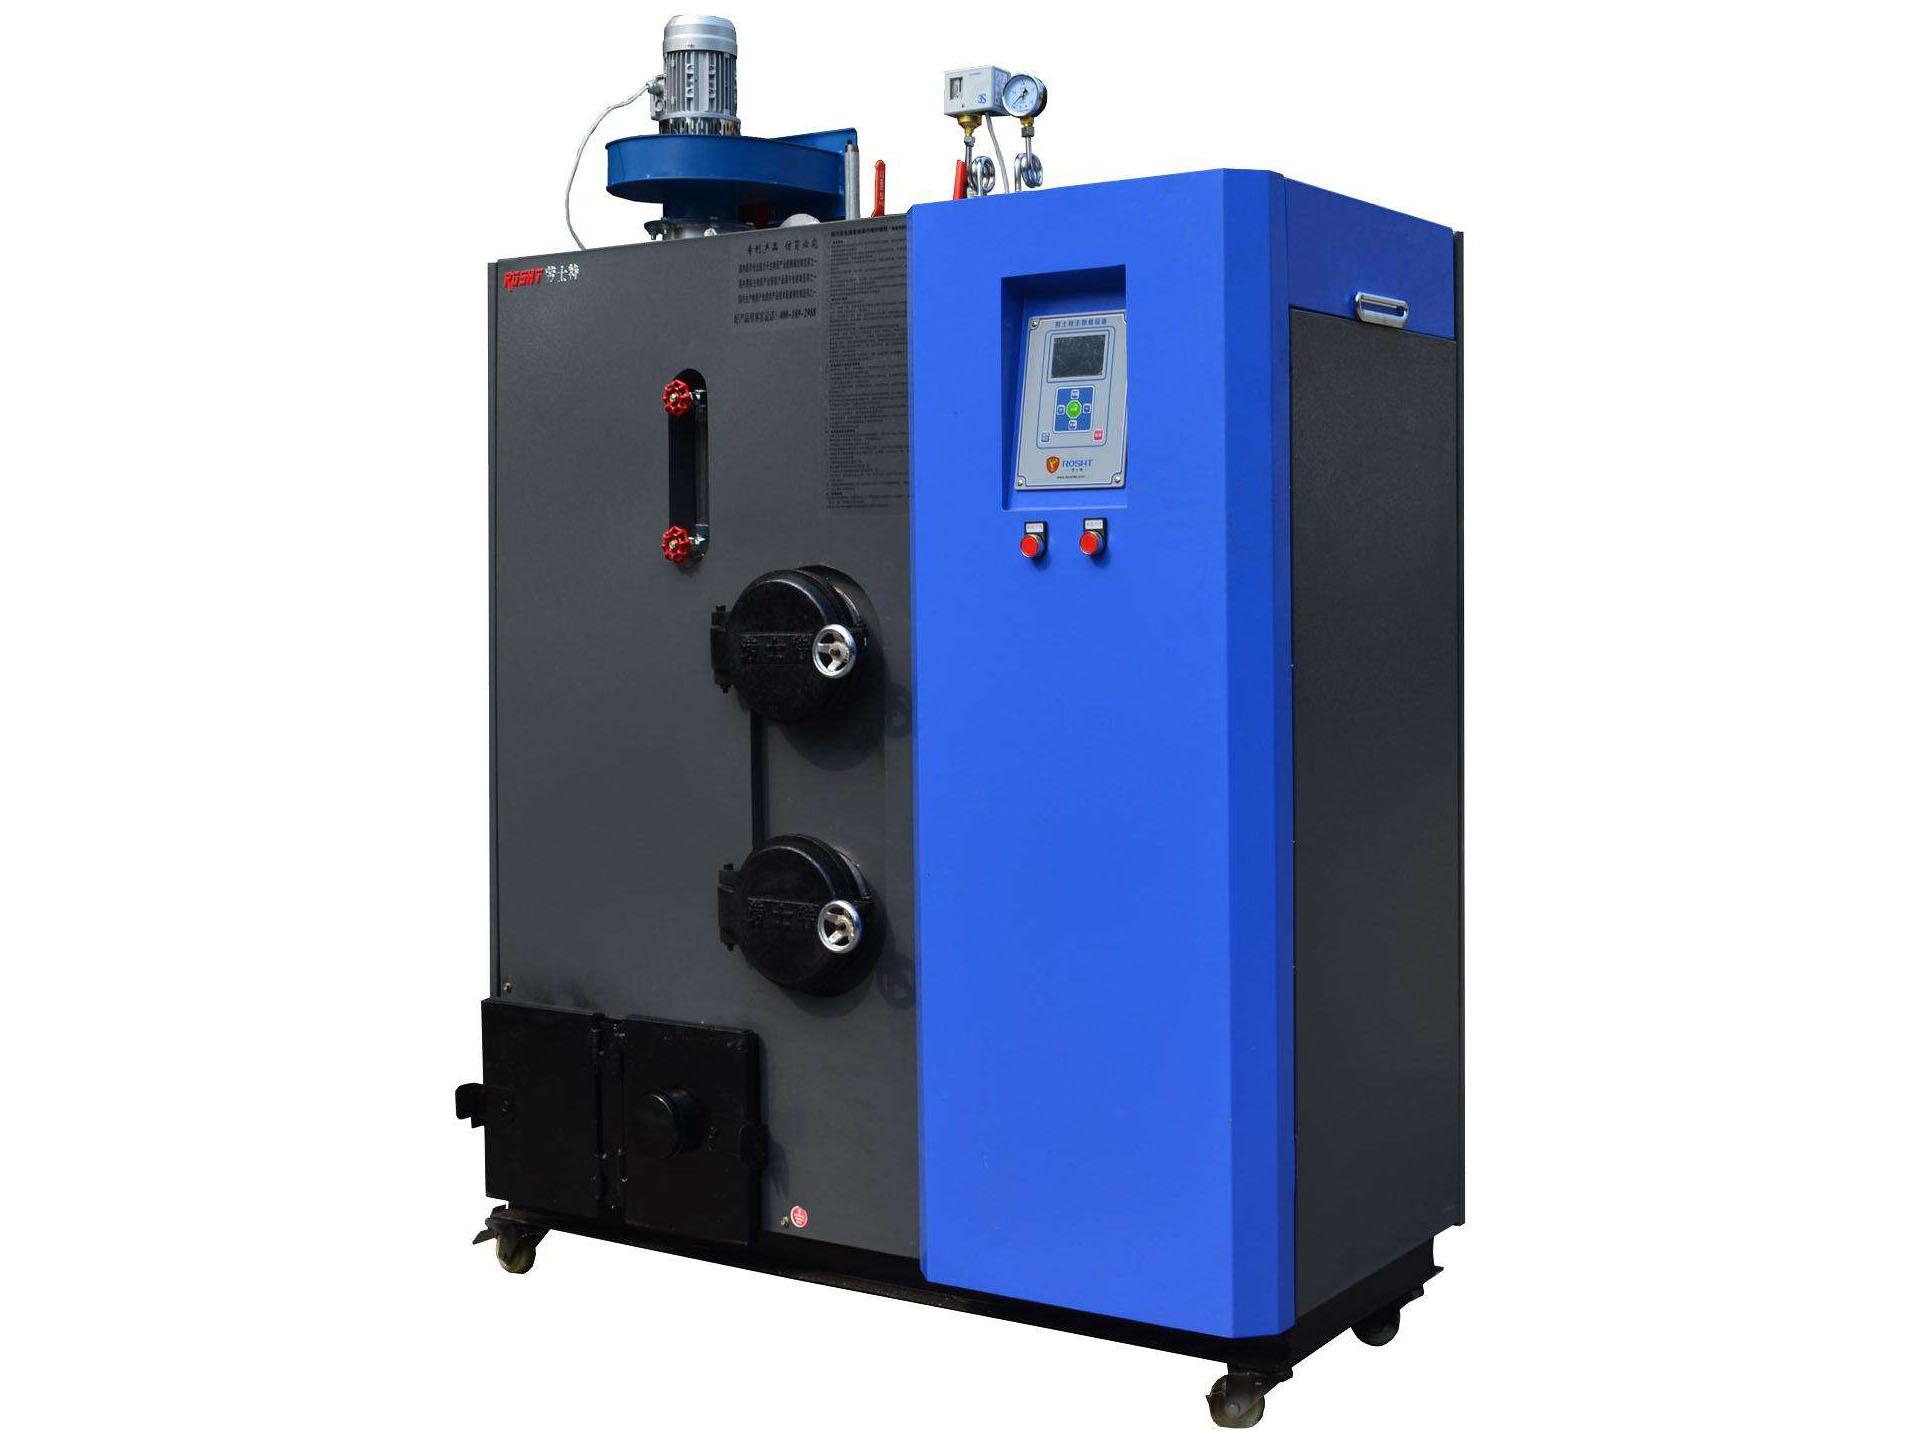 热泵高、低压保护,排气温度高,相序、电压故障等处理|成都蒸汽发生器厂家告诉你